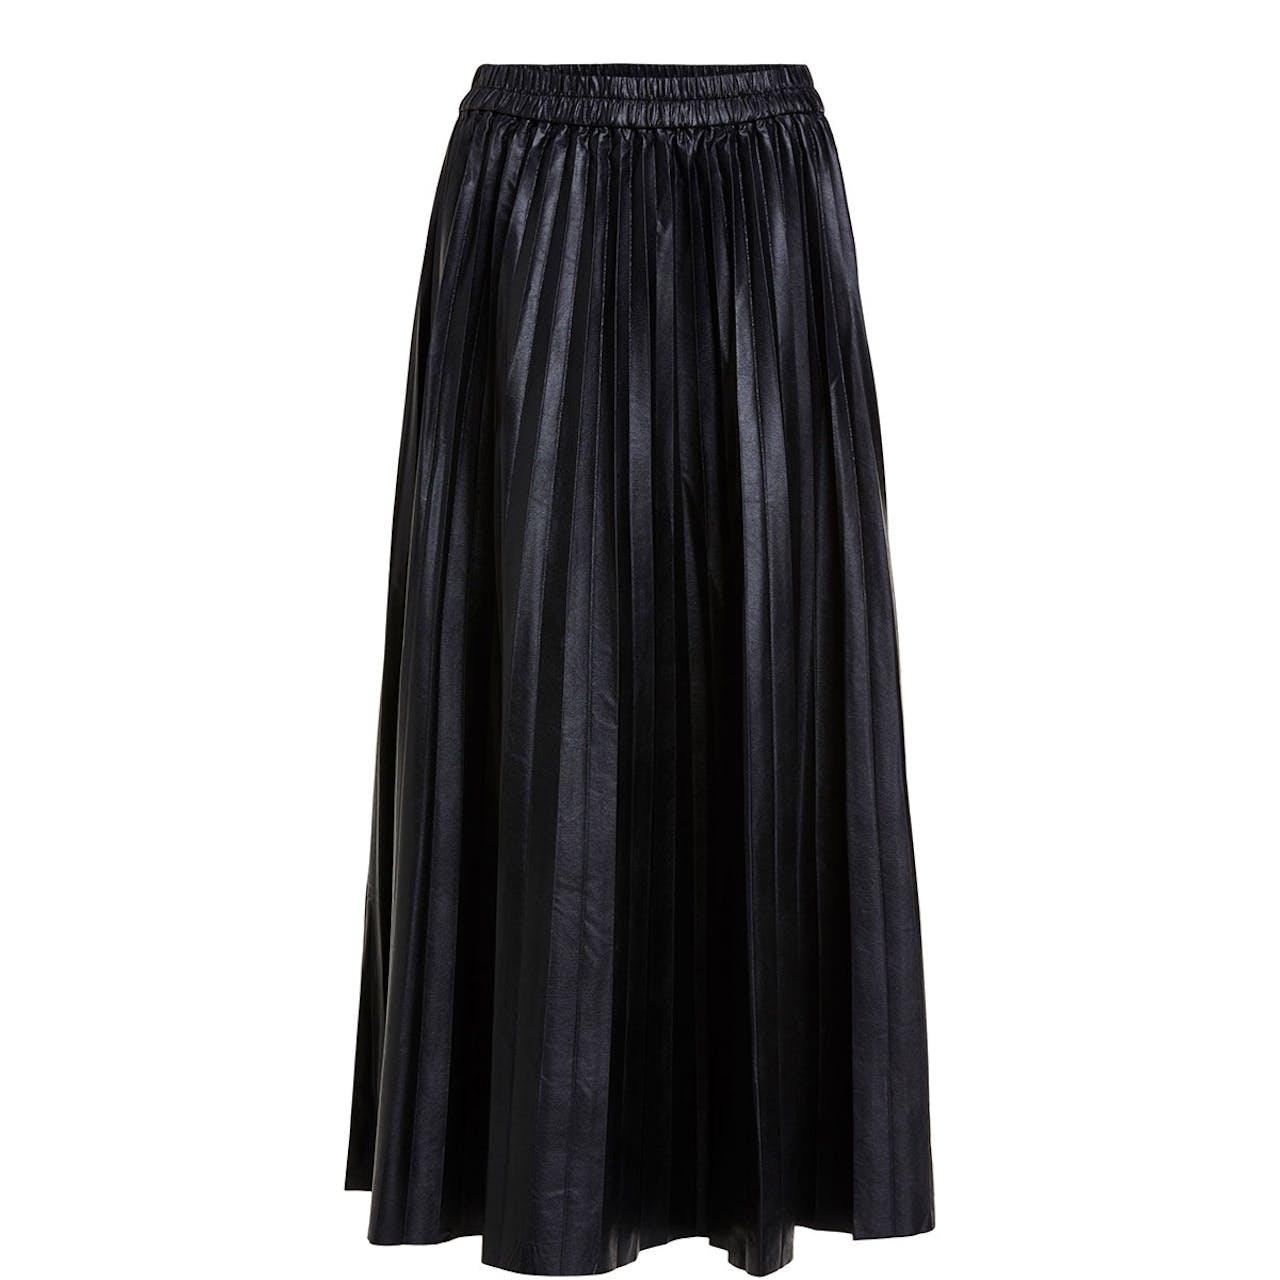 Oui Pleated PLeather Skirt Black